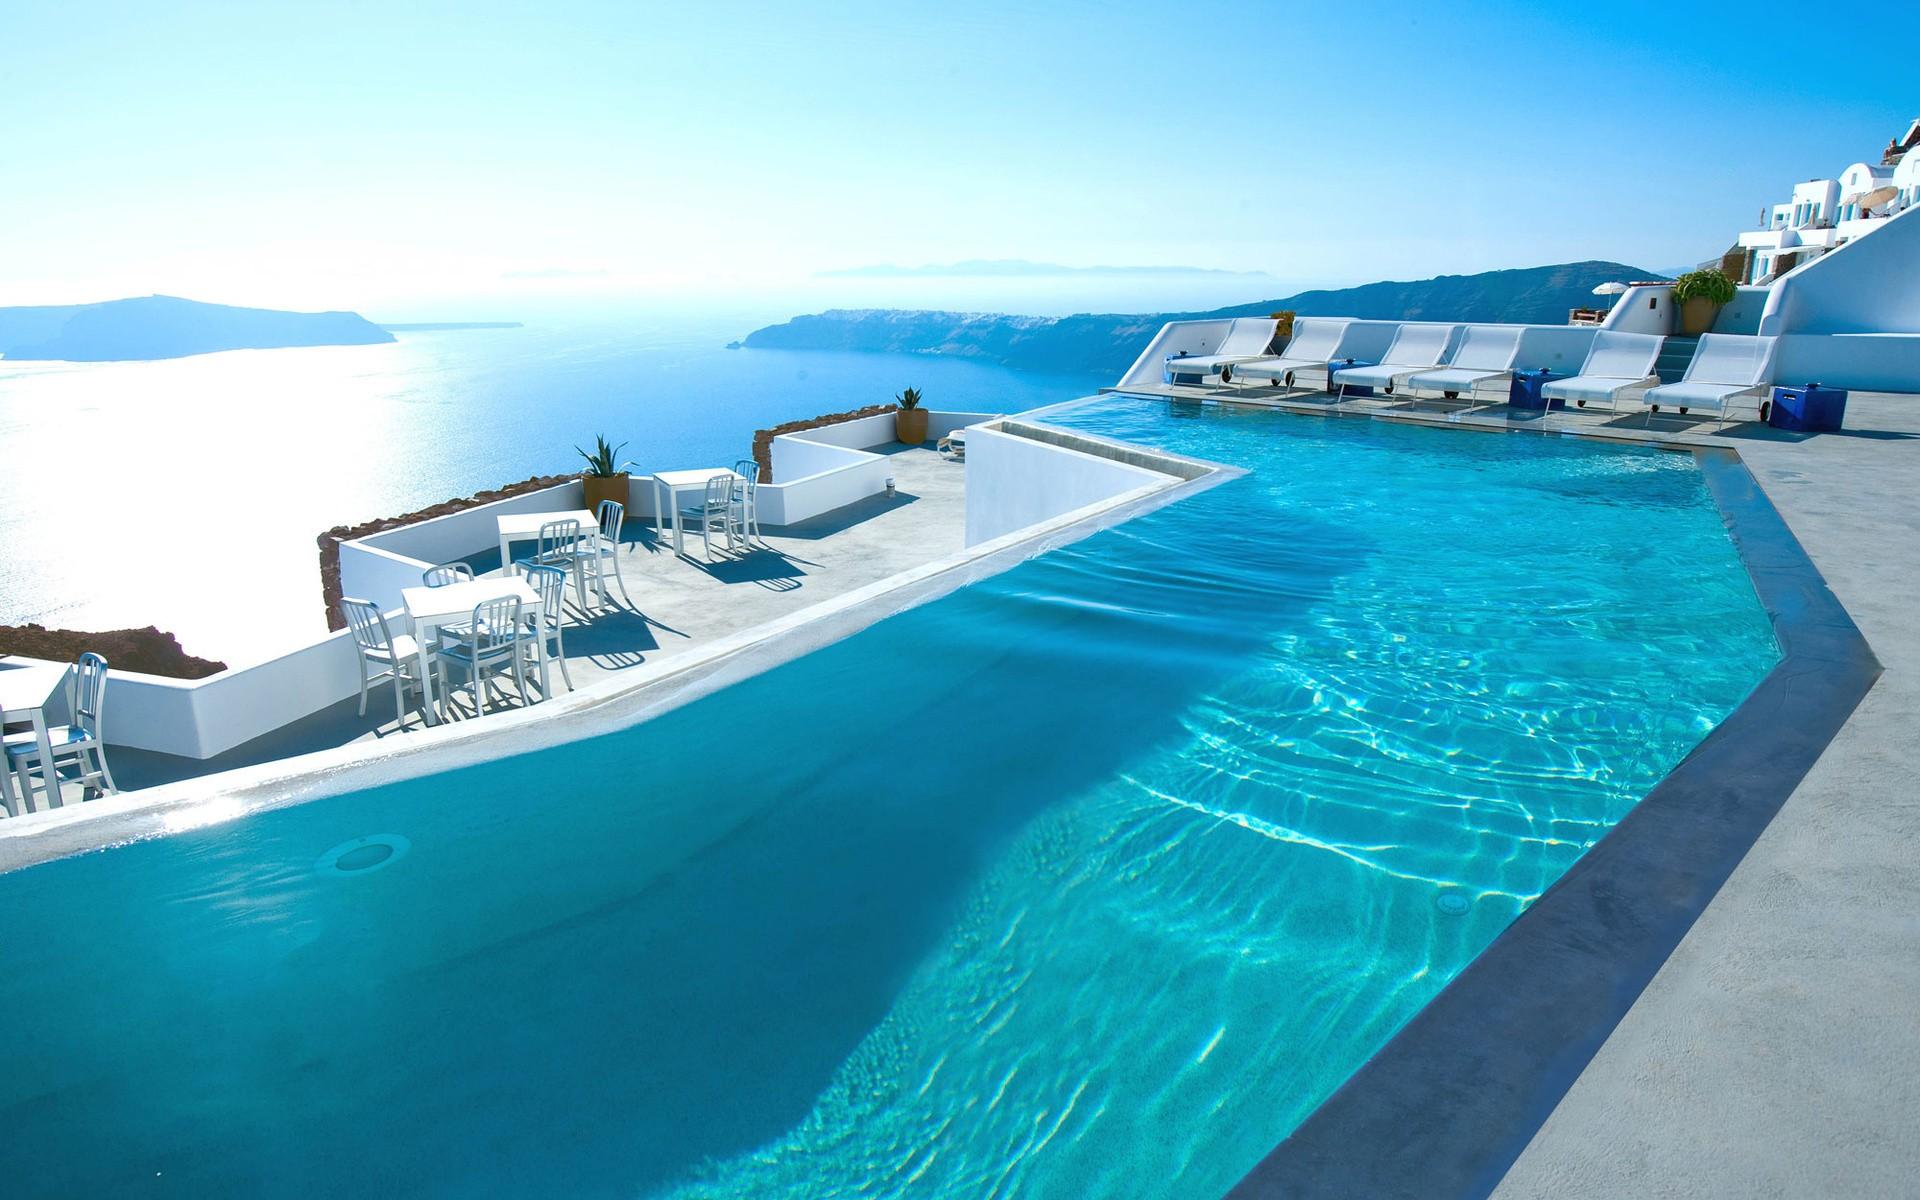 Dise o de piscina hd 1920x1200 imagenes wallpapers for Programa diseno de piscinas 3d gratis